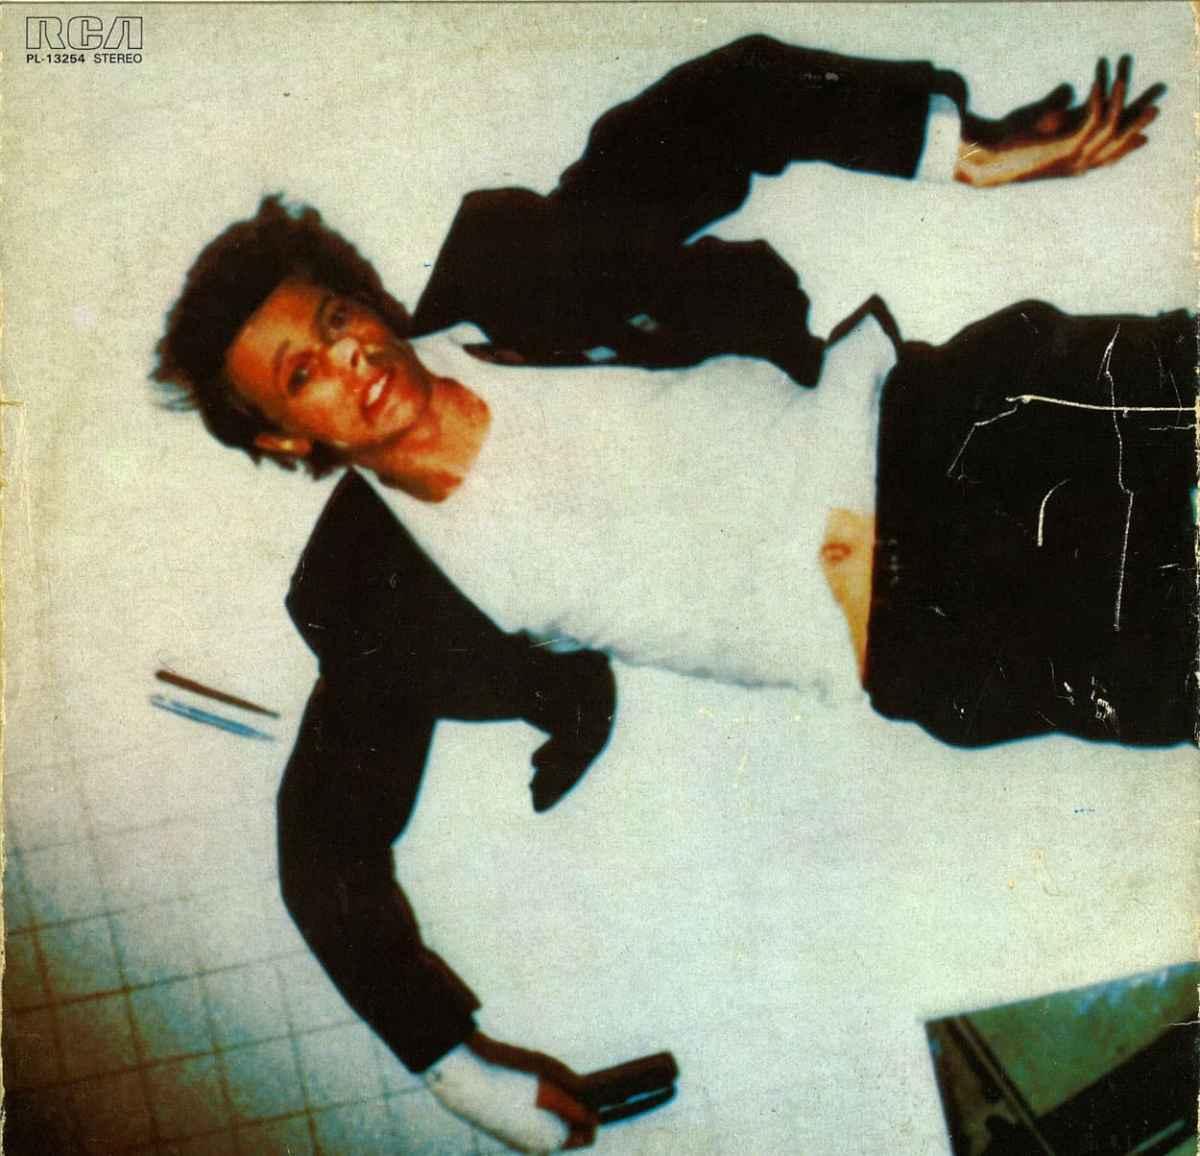 David Bowie's Lodger Album